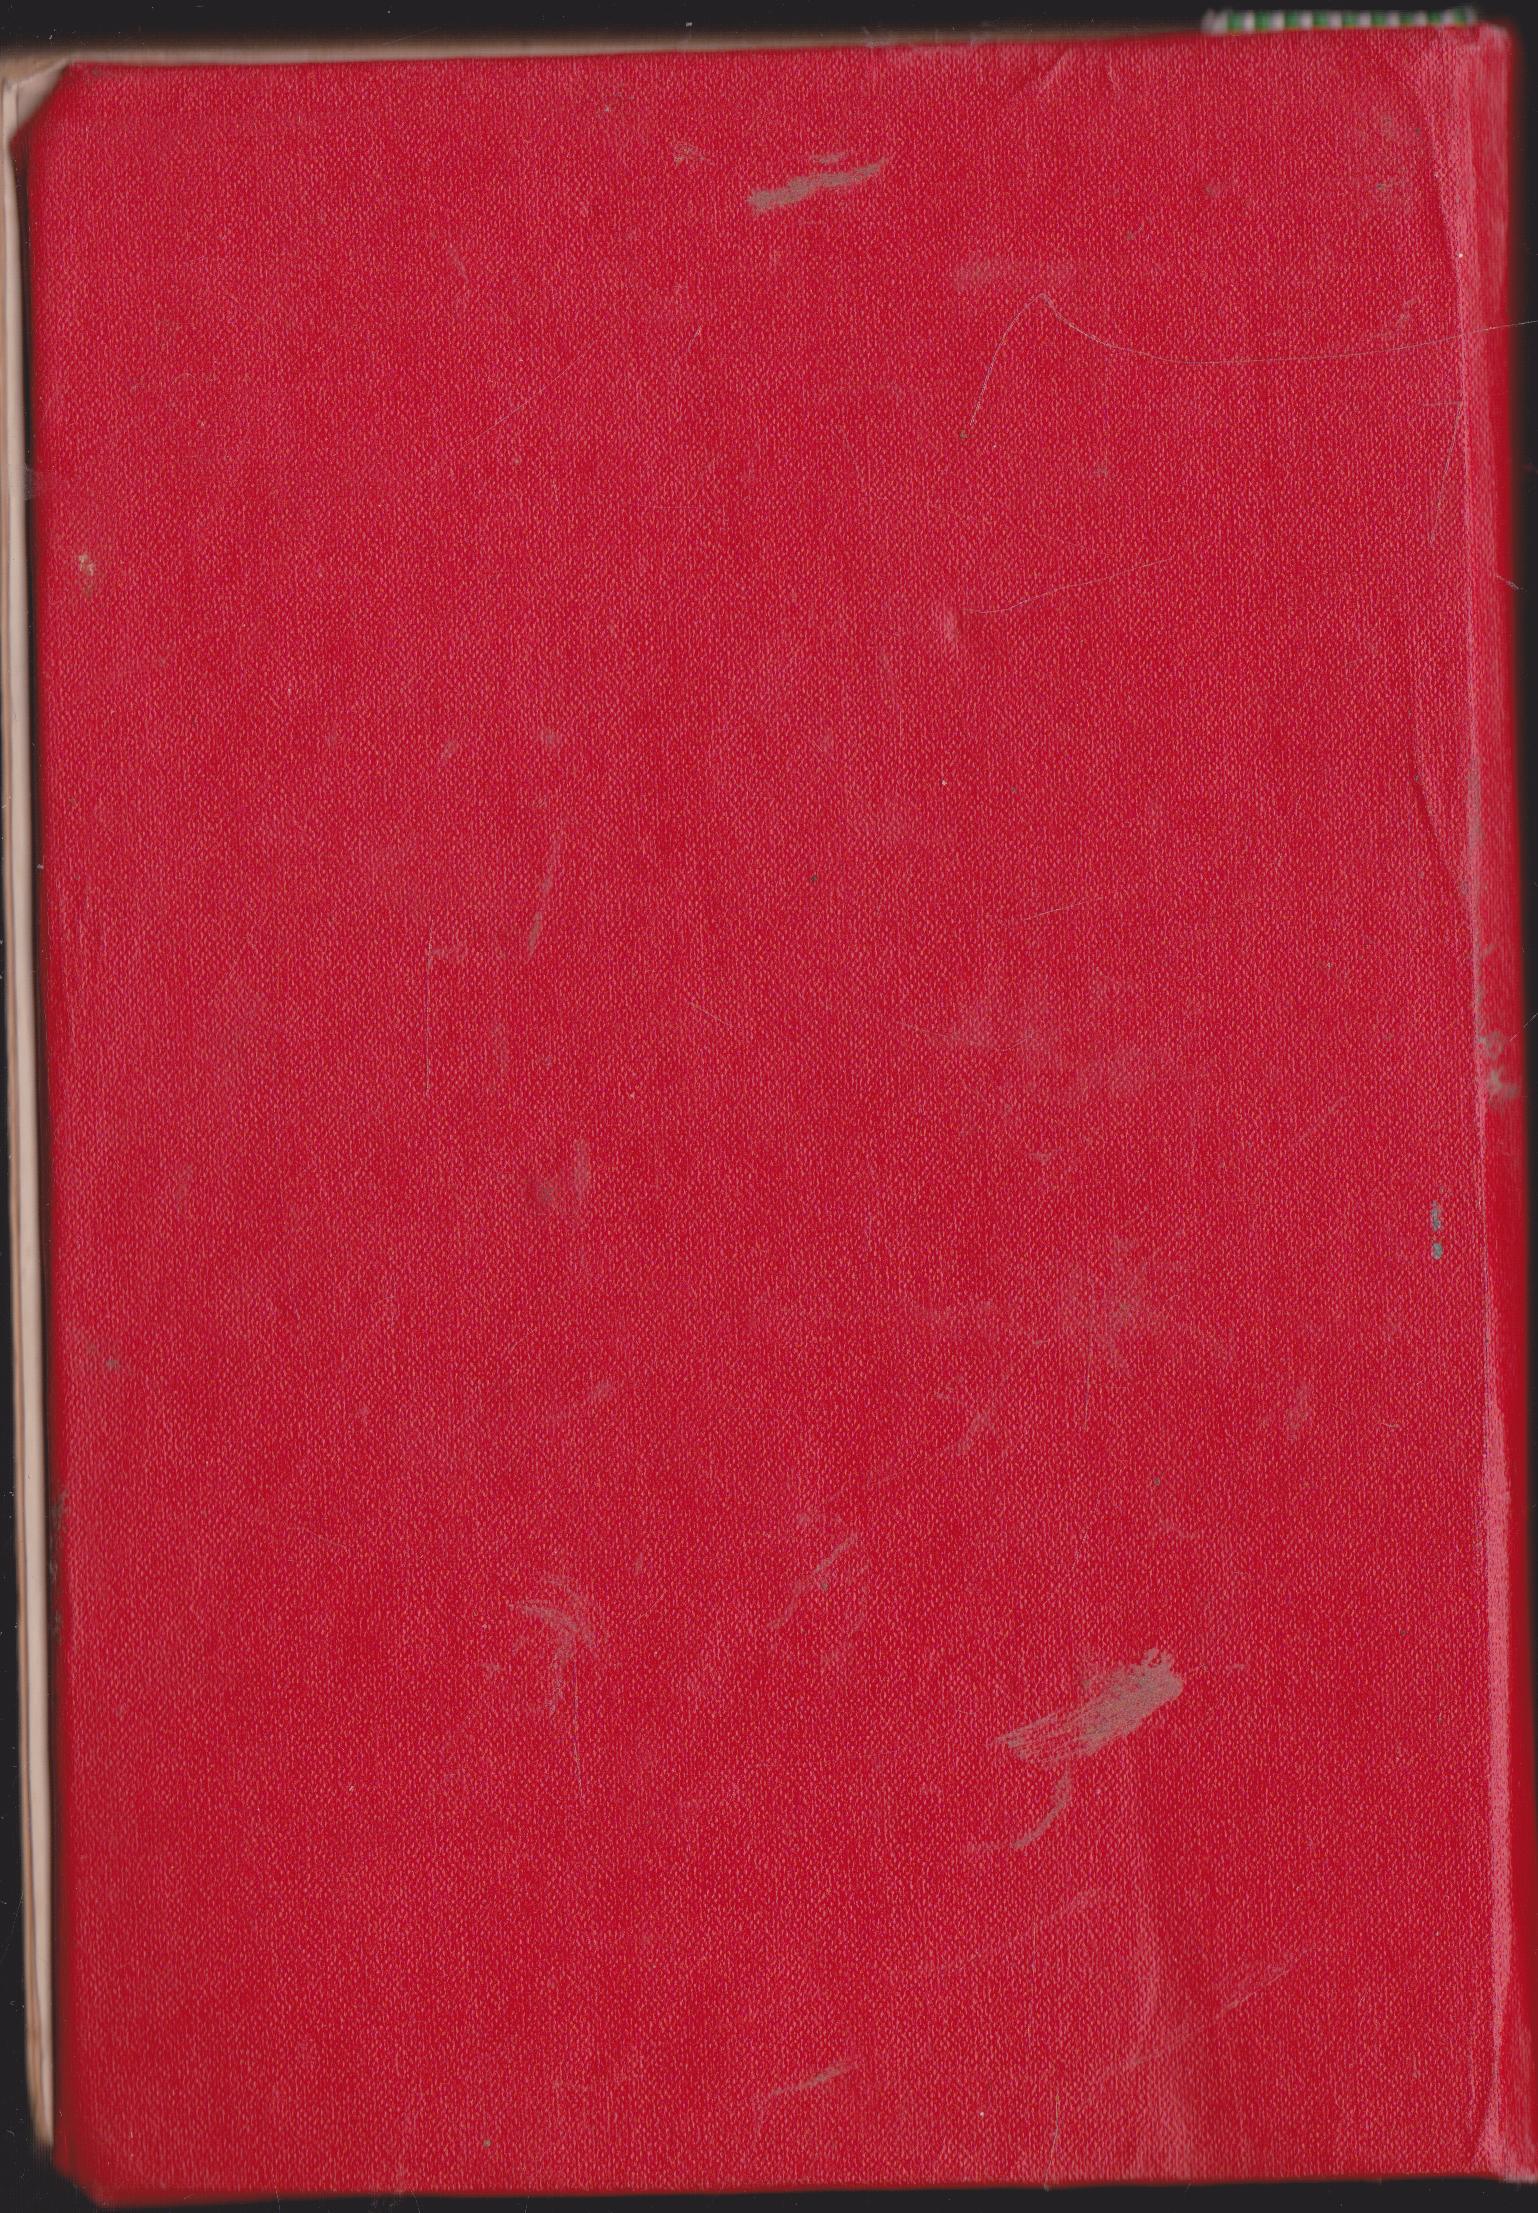 ธรรมนิยายอิงชีวประวัตฺในพุทธกาล พระอานนท์ พุทธอนุชา